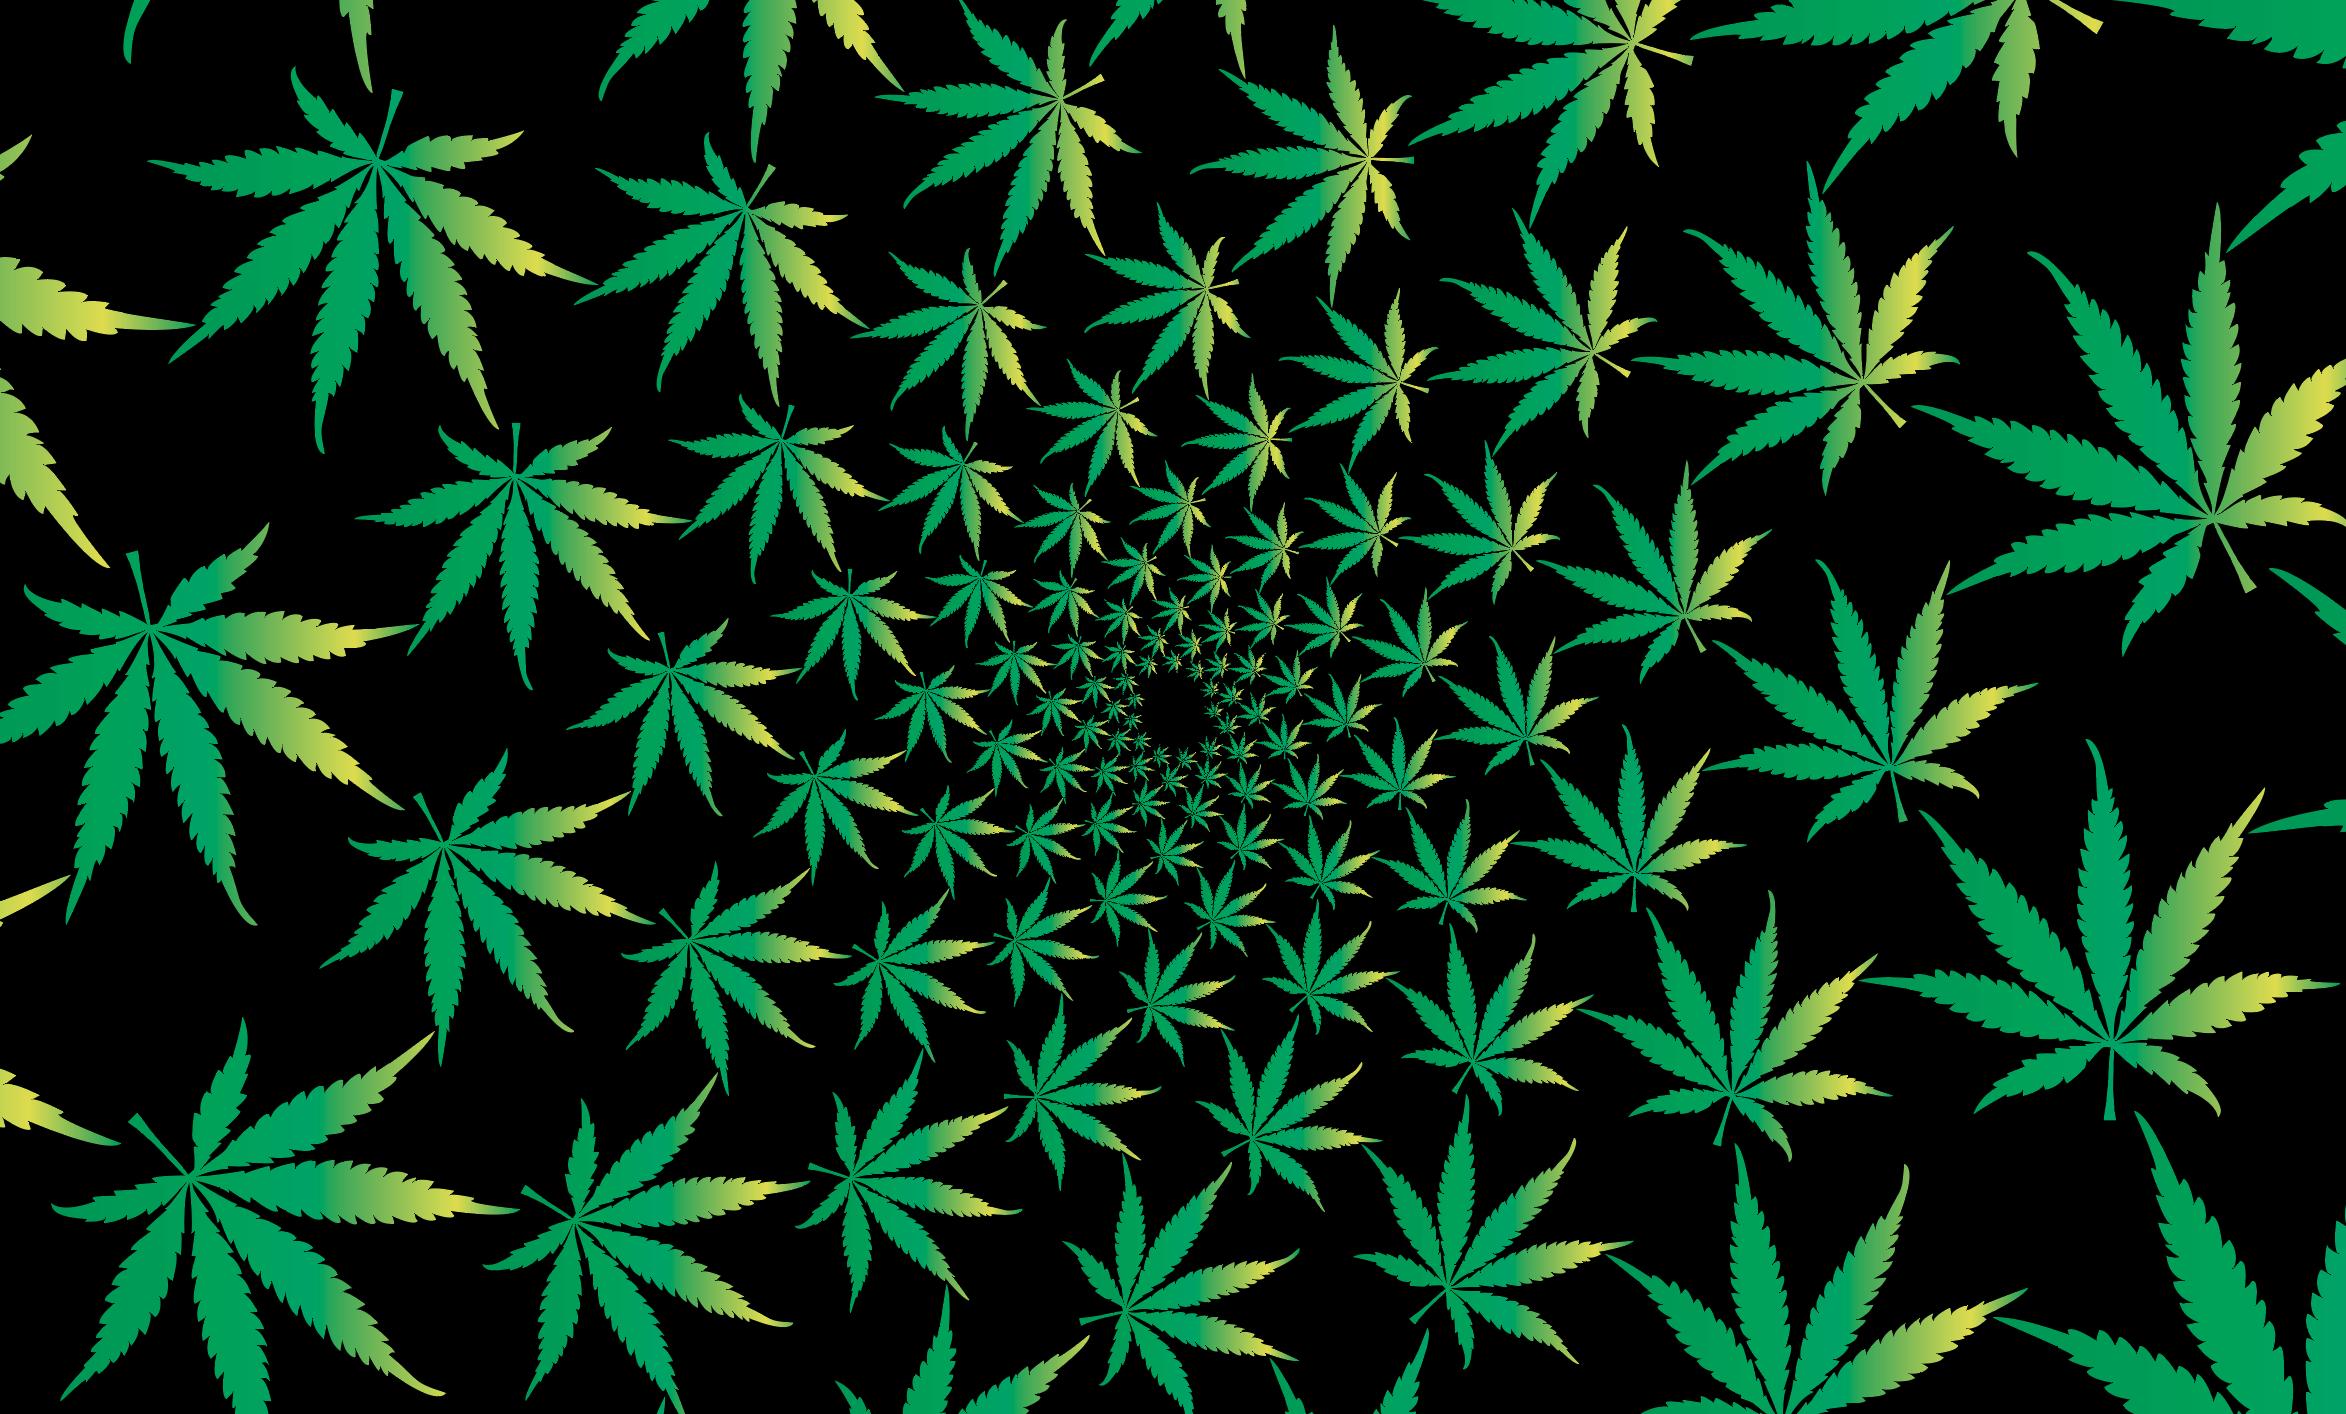 Картинки с листиком марихуаны сколько нужно марихуаны чтобы накуриться